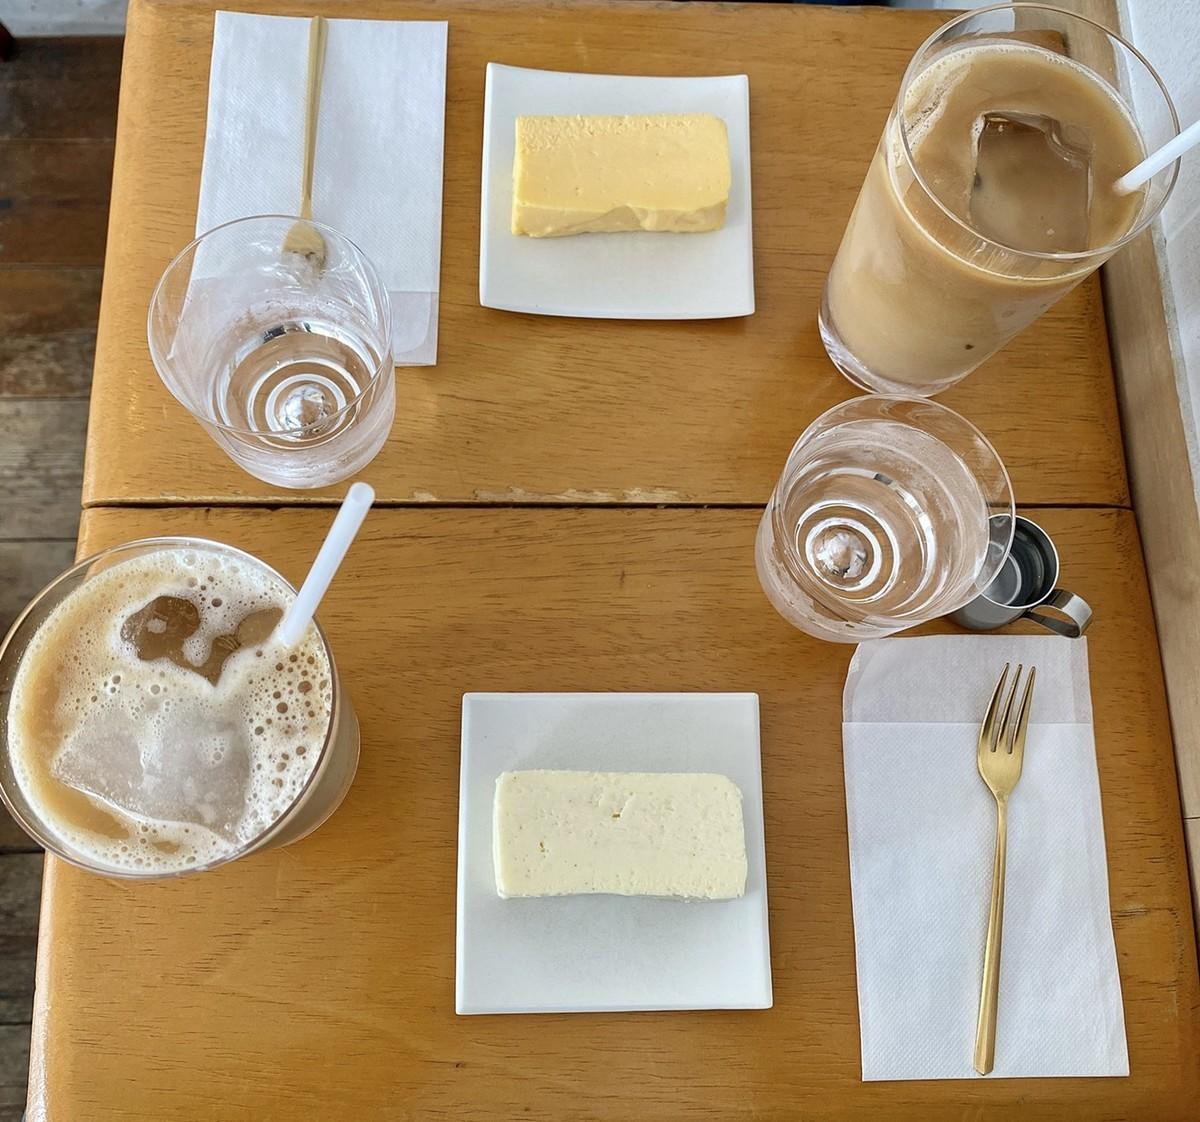 ホワイトチョコチーズケーキ アイスカフェオレ